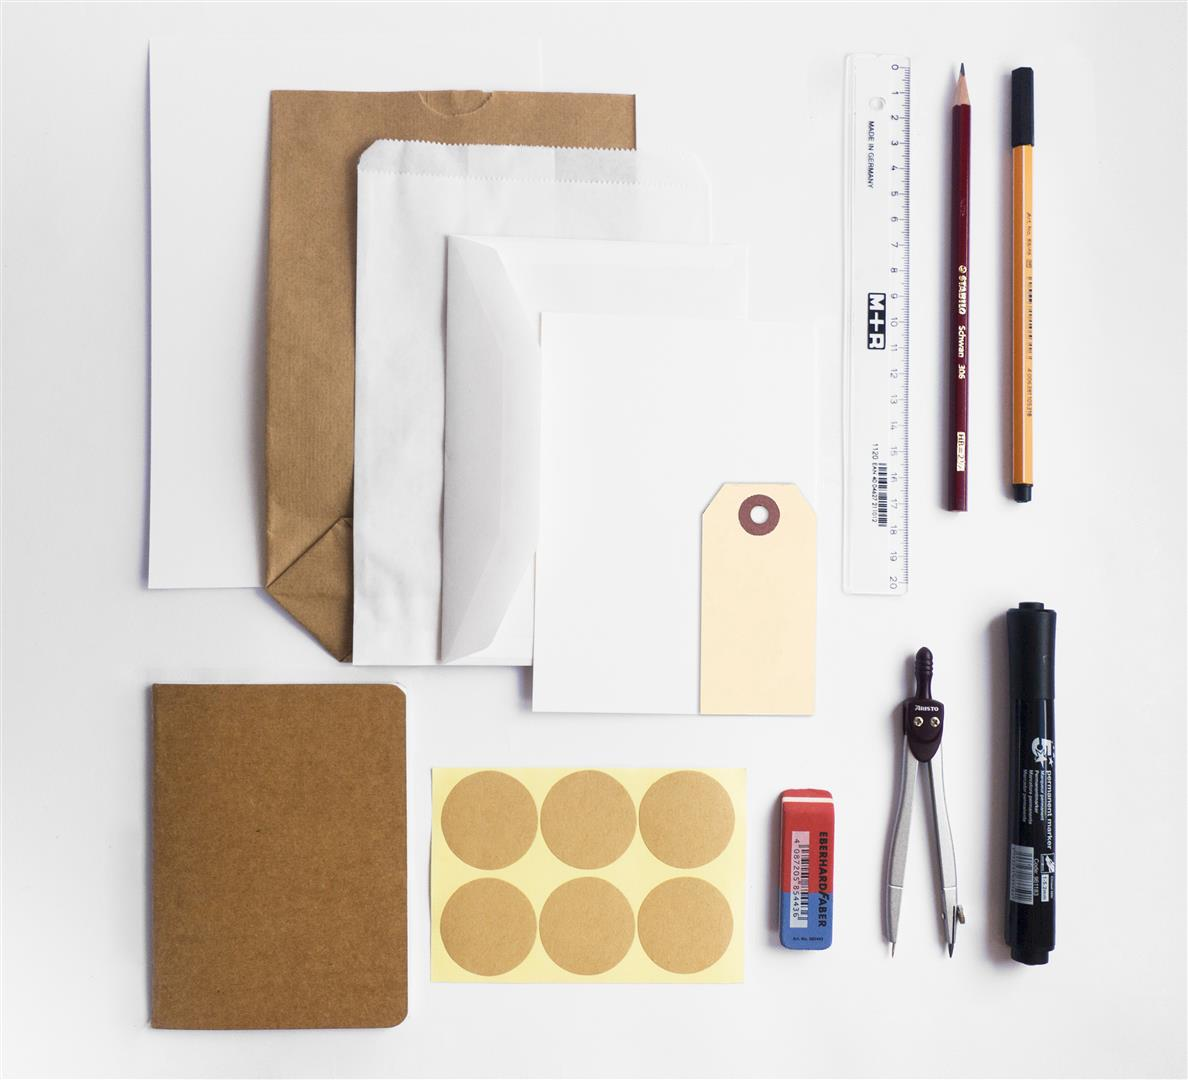 DIY pakket artikelen blanco Large